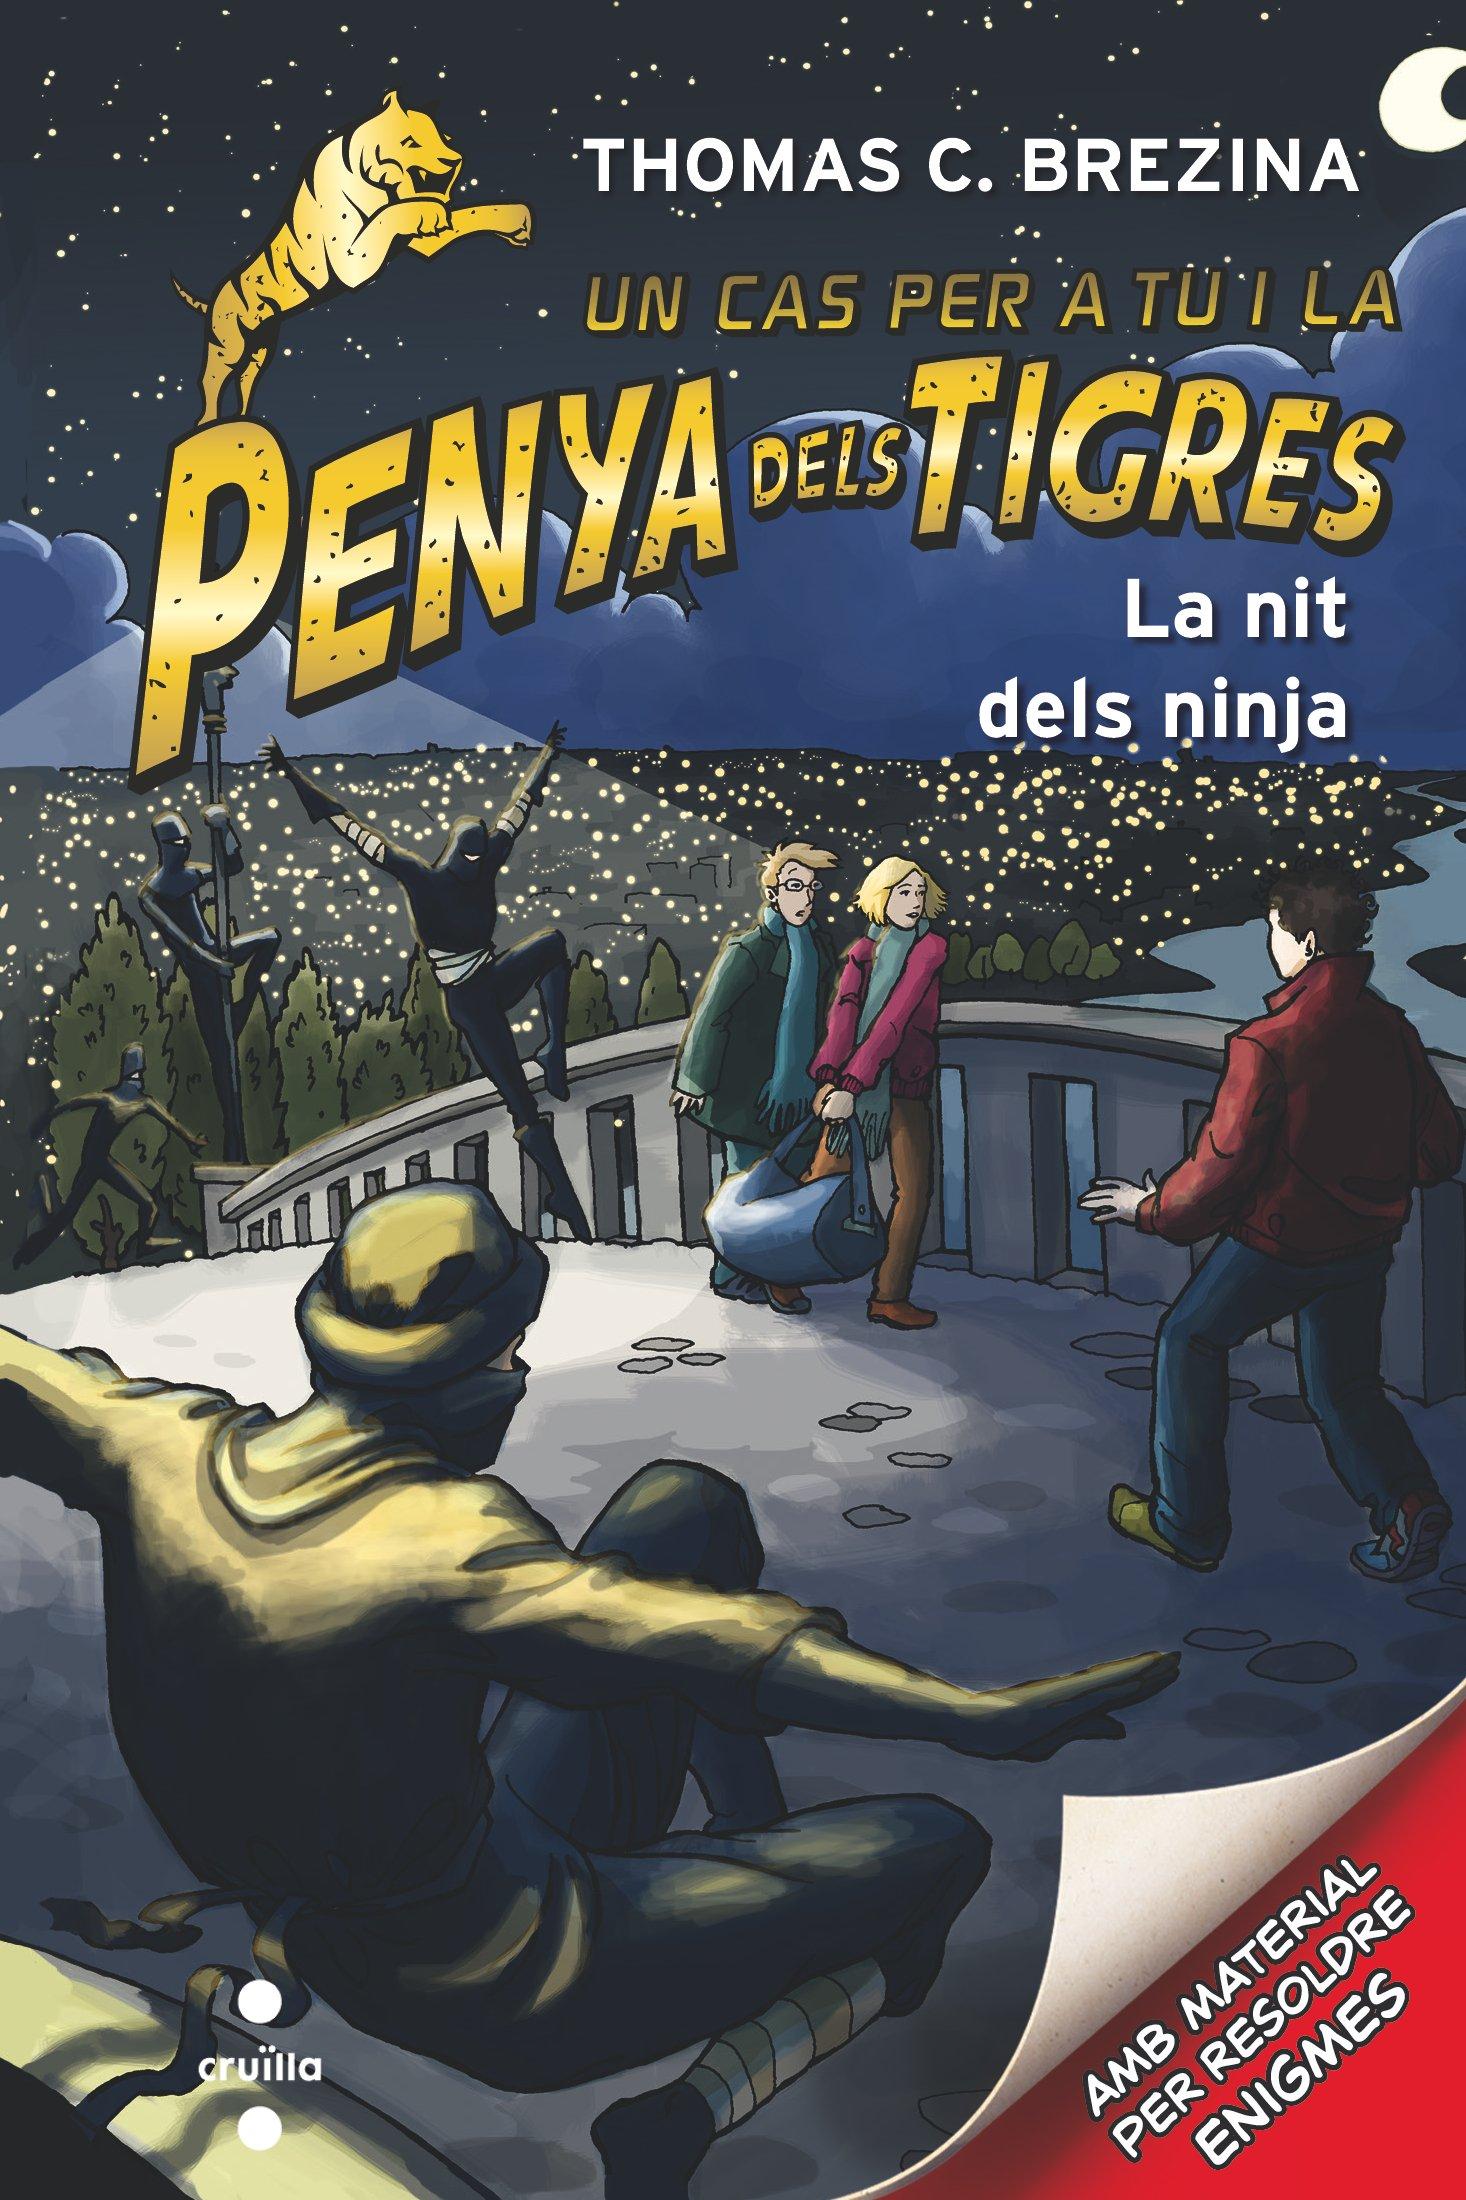 La nit dels ninja: 9788466144780: Amazon.com: Books